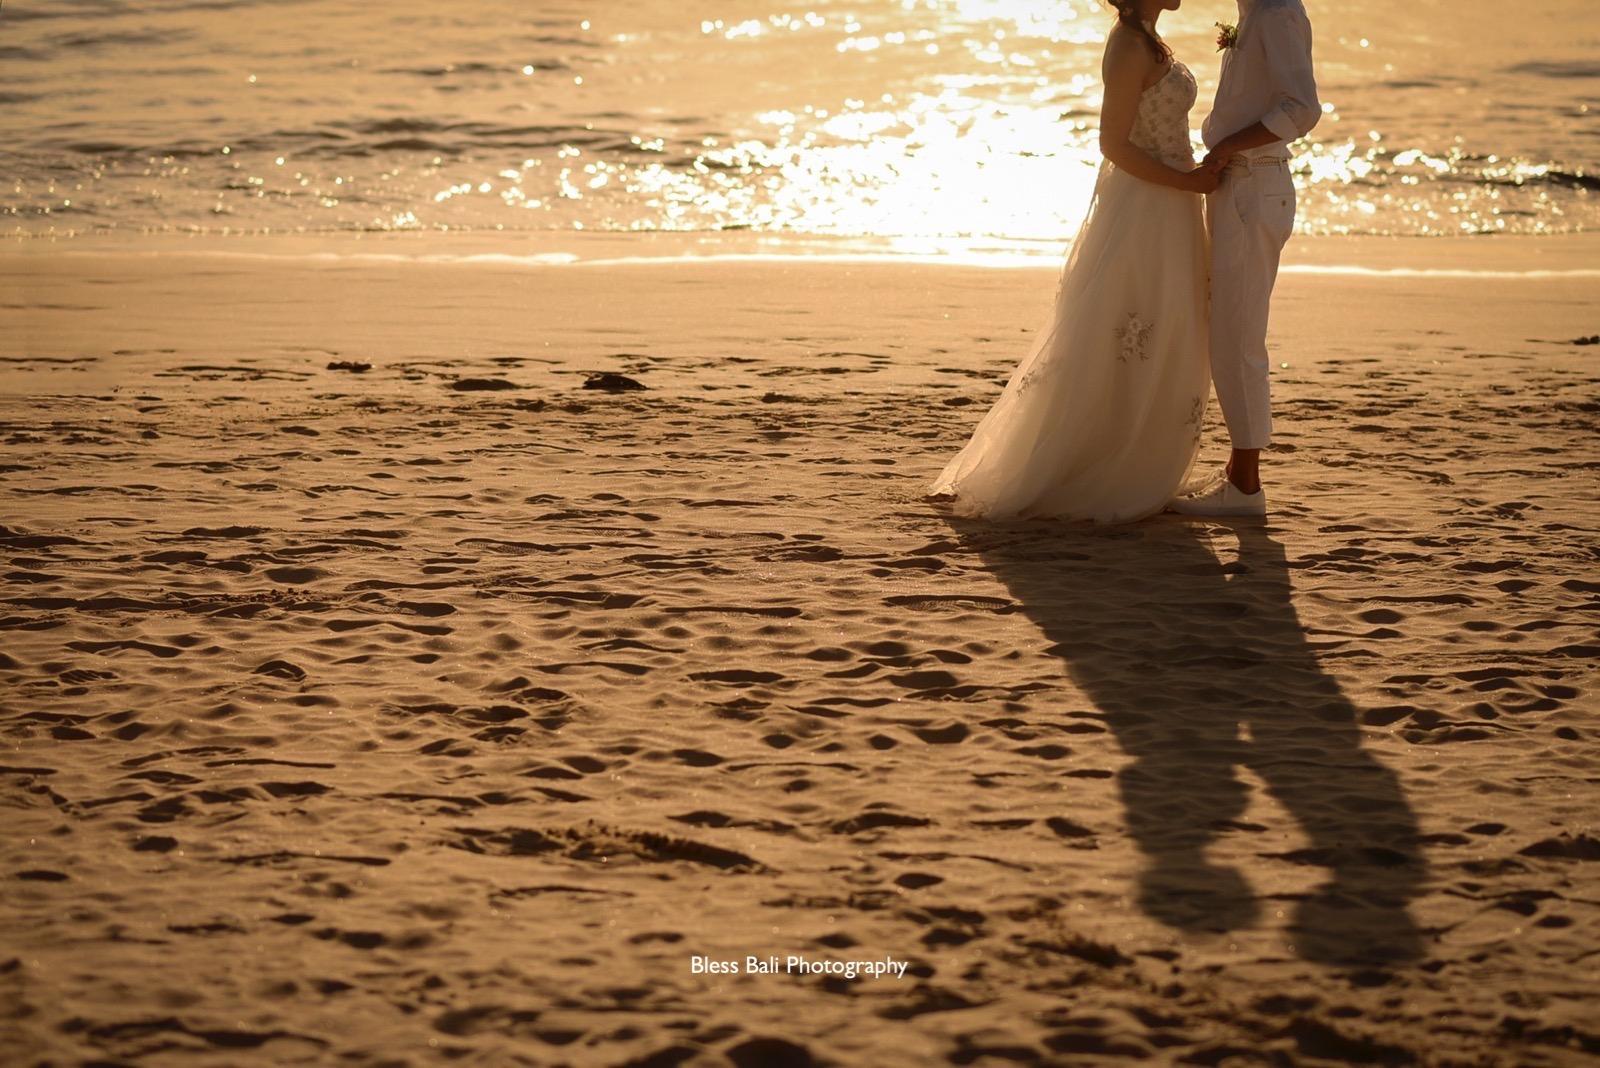 夕日ビーチのシルエット撮影